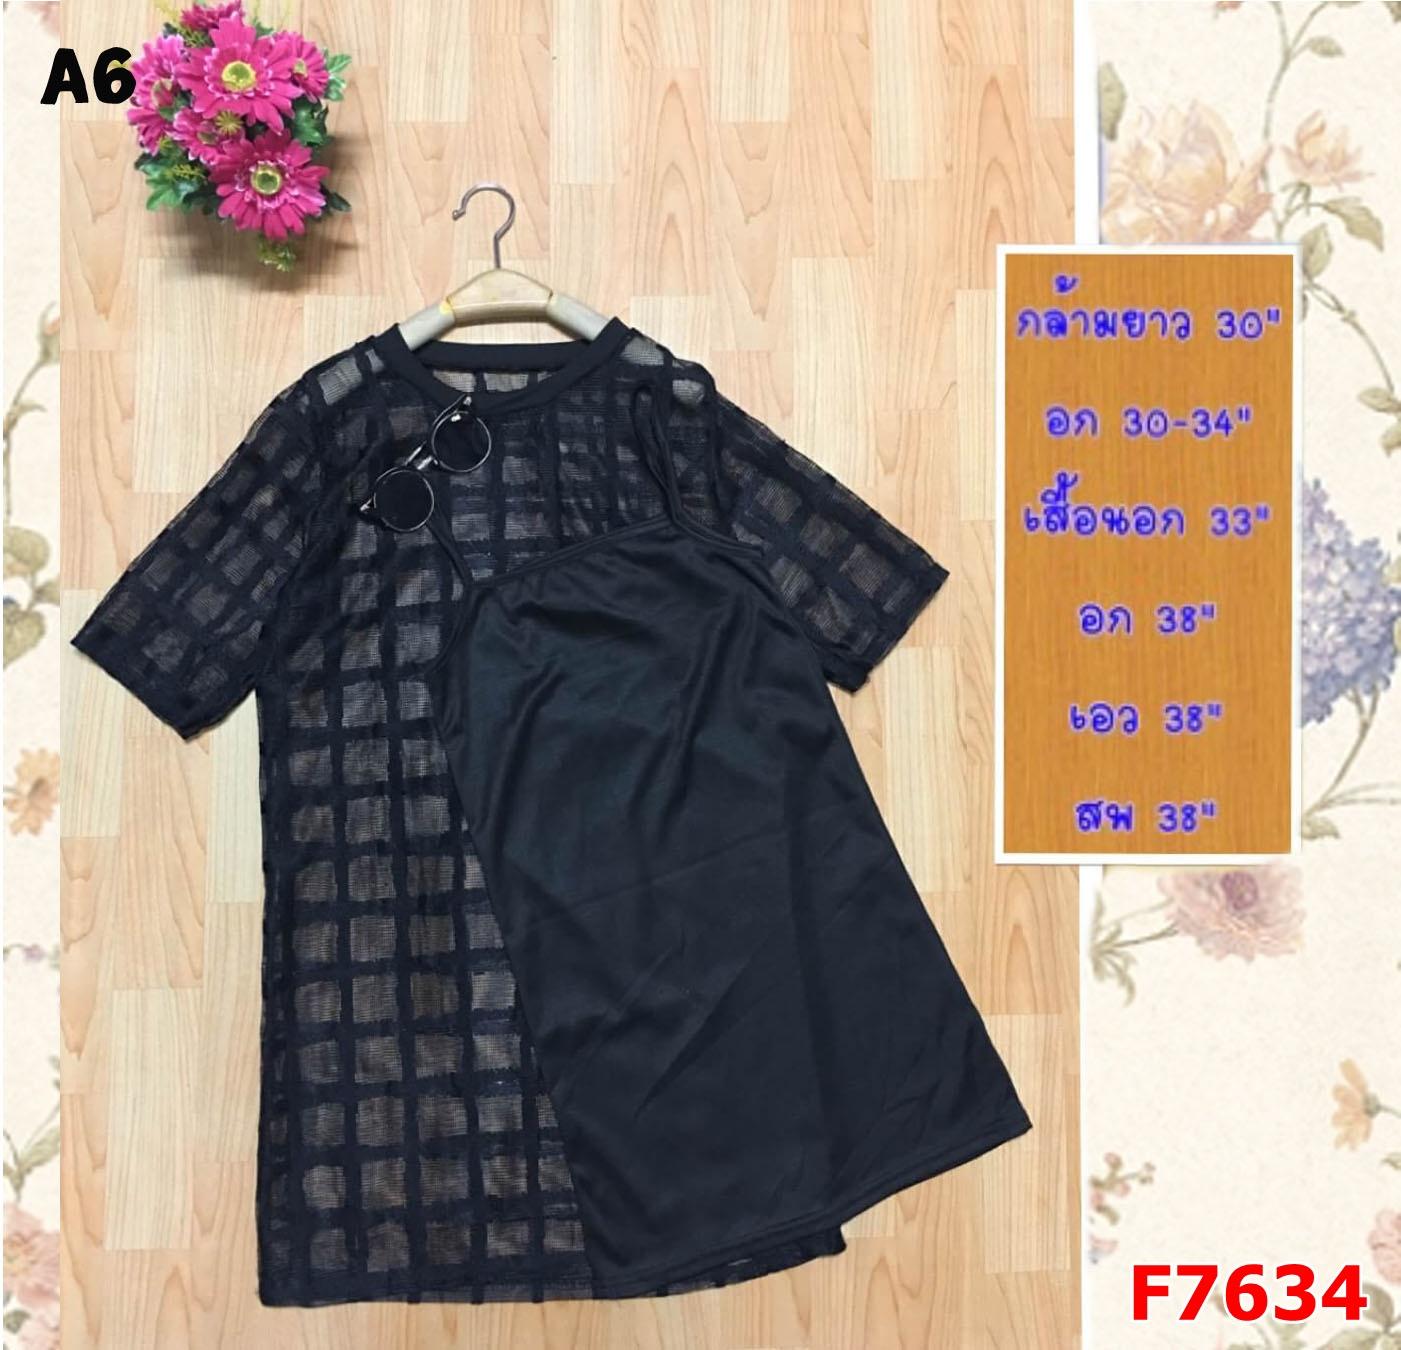 F7634เสื้อสายเดี่ยวสีดำ+เสื้อตาข่ายสีดำตารางสี่เหลี่ยม